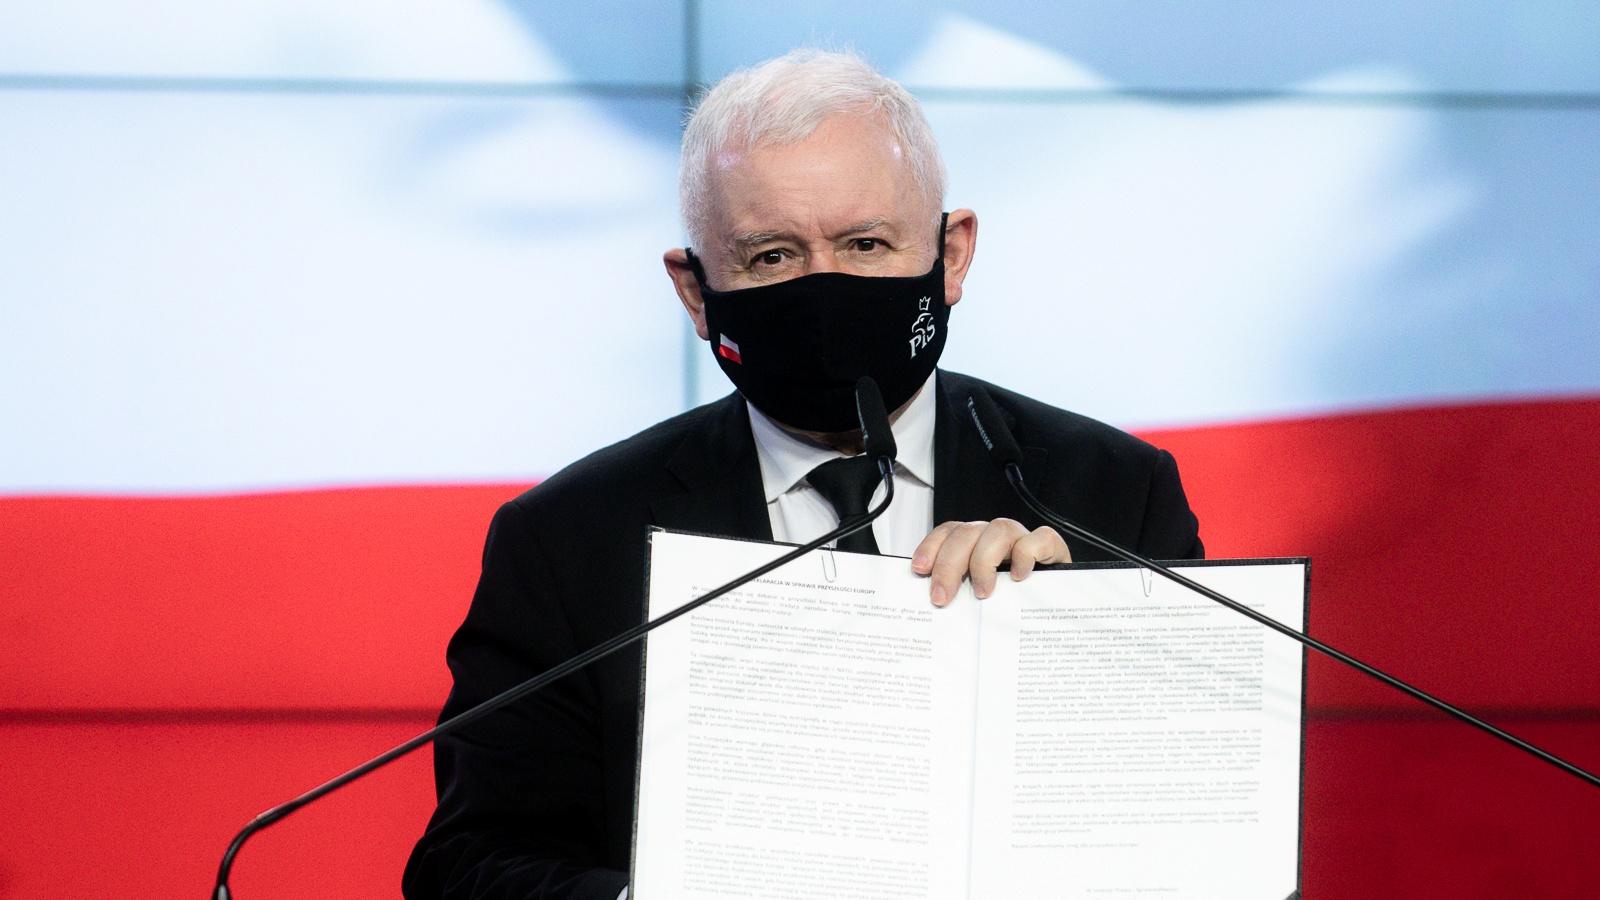 [PILNE] Kaczyński znów będzie szeregowym posłem. Podano datę jego odejścia z rządu